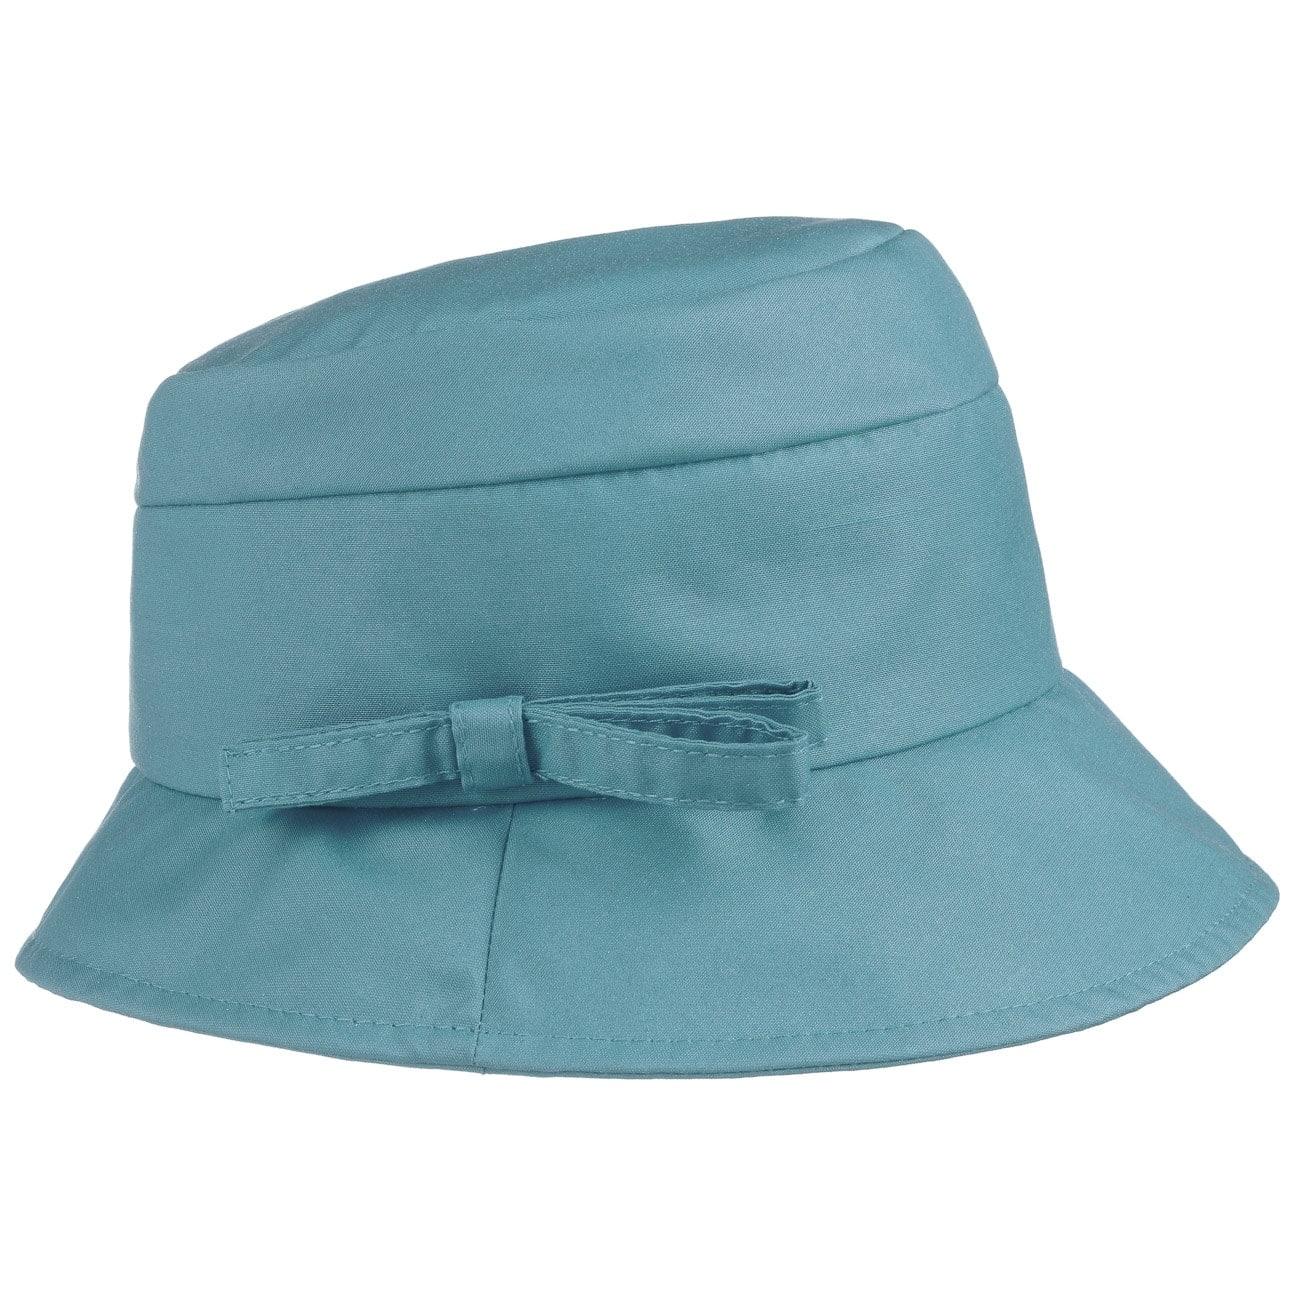 Sombrero de Lluvia Carlina by Bront?  sombrero de lluvia